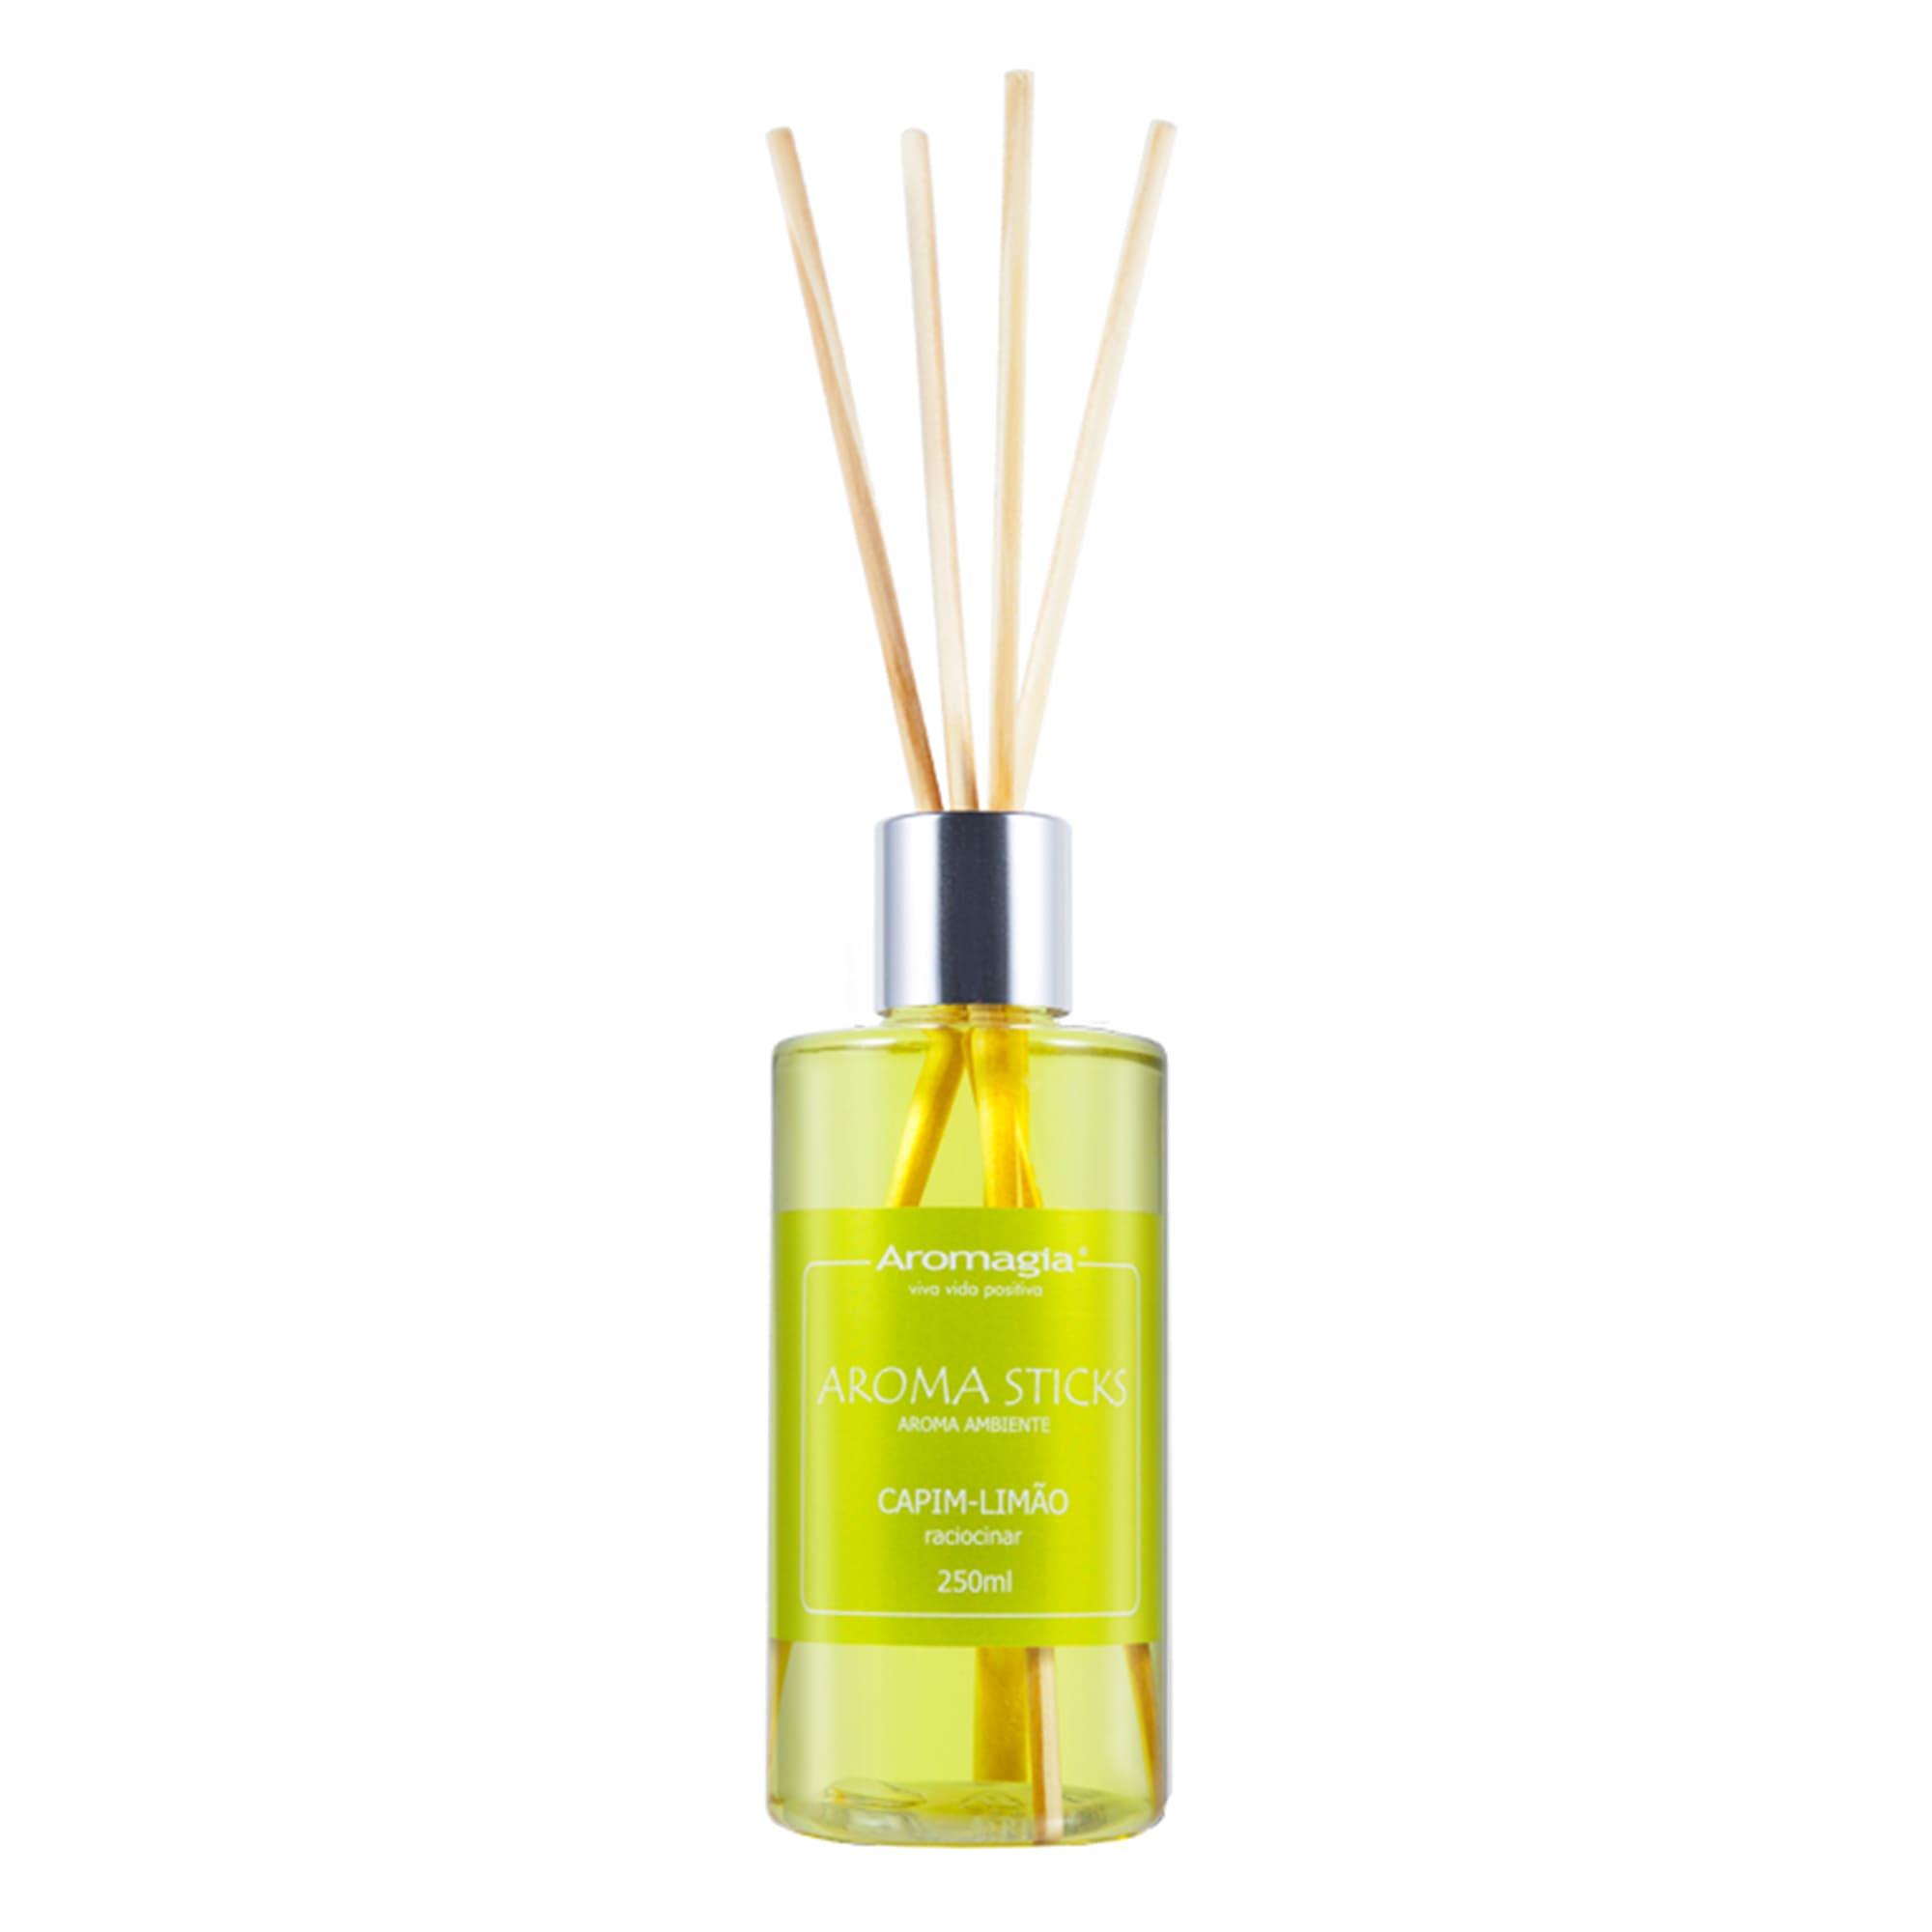 Difusor por varetas Aroma Sticks Aromagia 250ml - Capim Limão - WNF